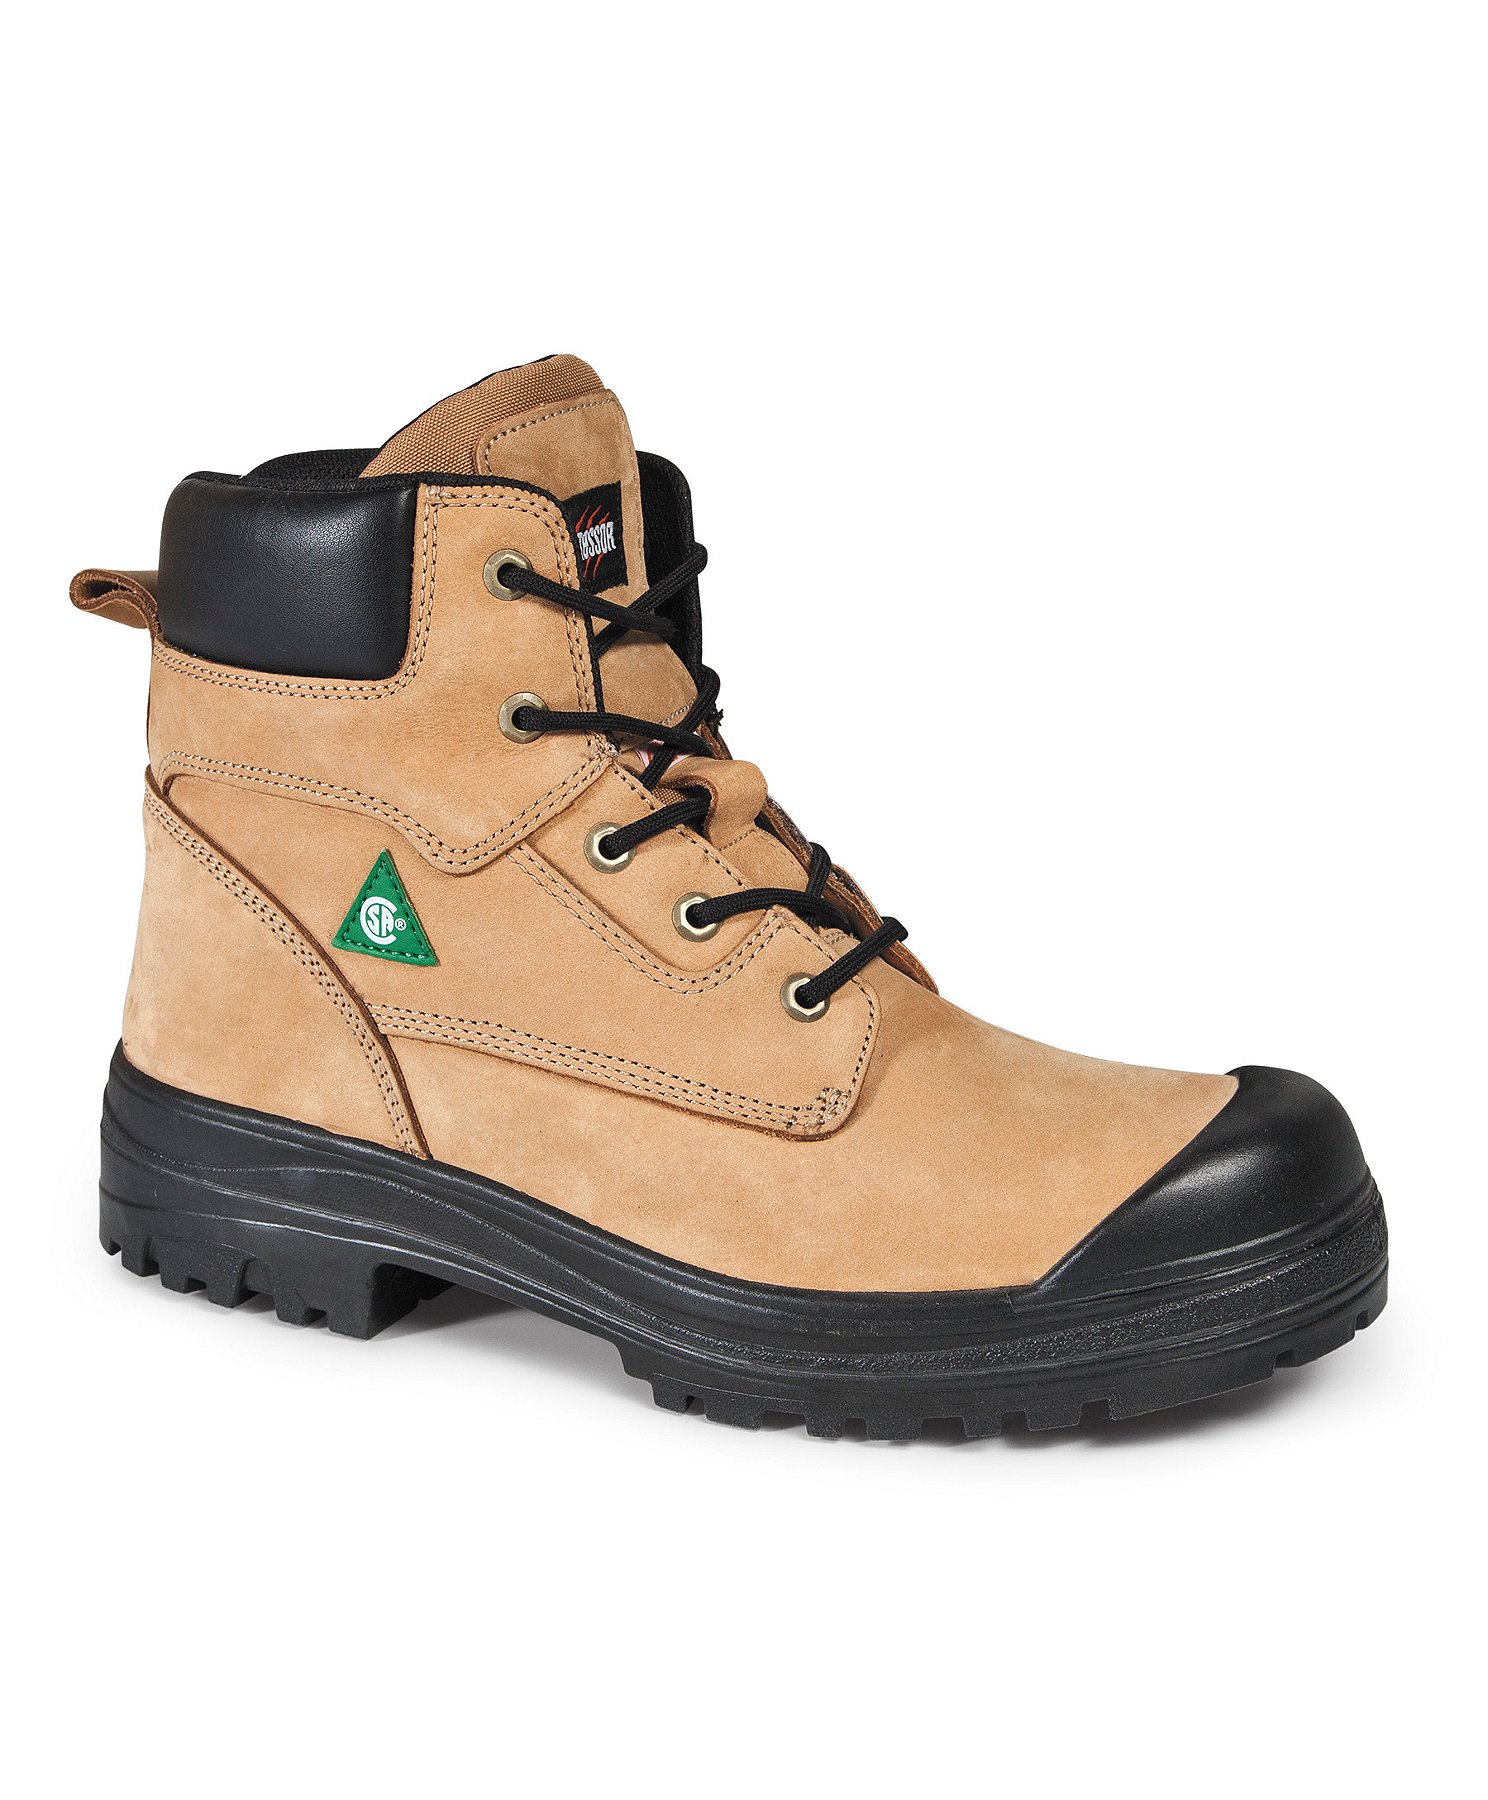 Men's 6 In Lynx II Steel Toe Steel Plate Work Boots | Mark's